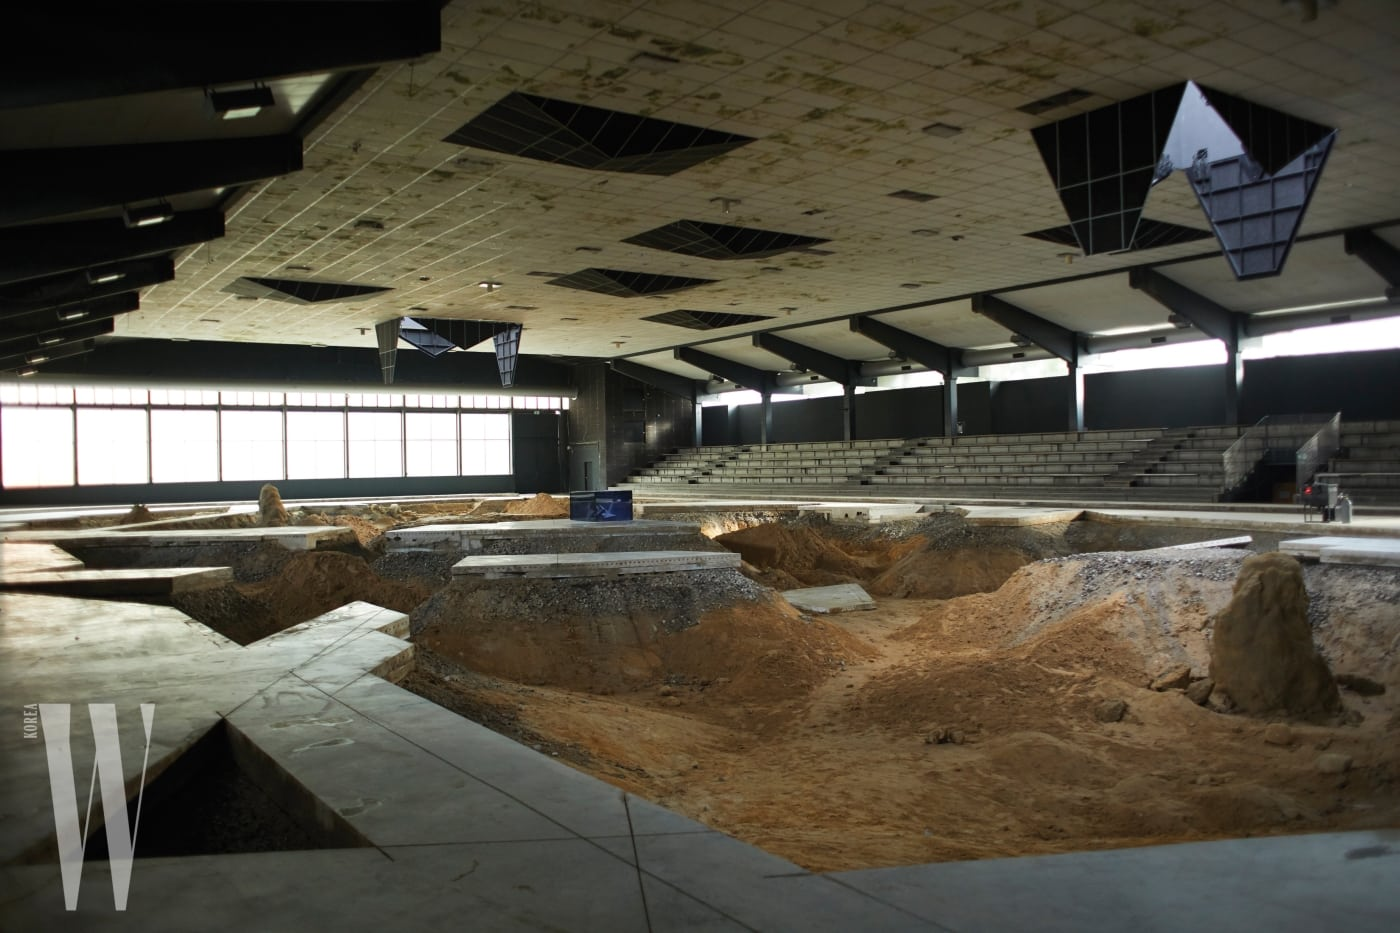 발굴 현장을 연상시키는 피에르 위그의 설치 작품.